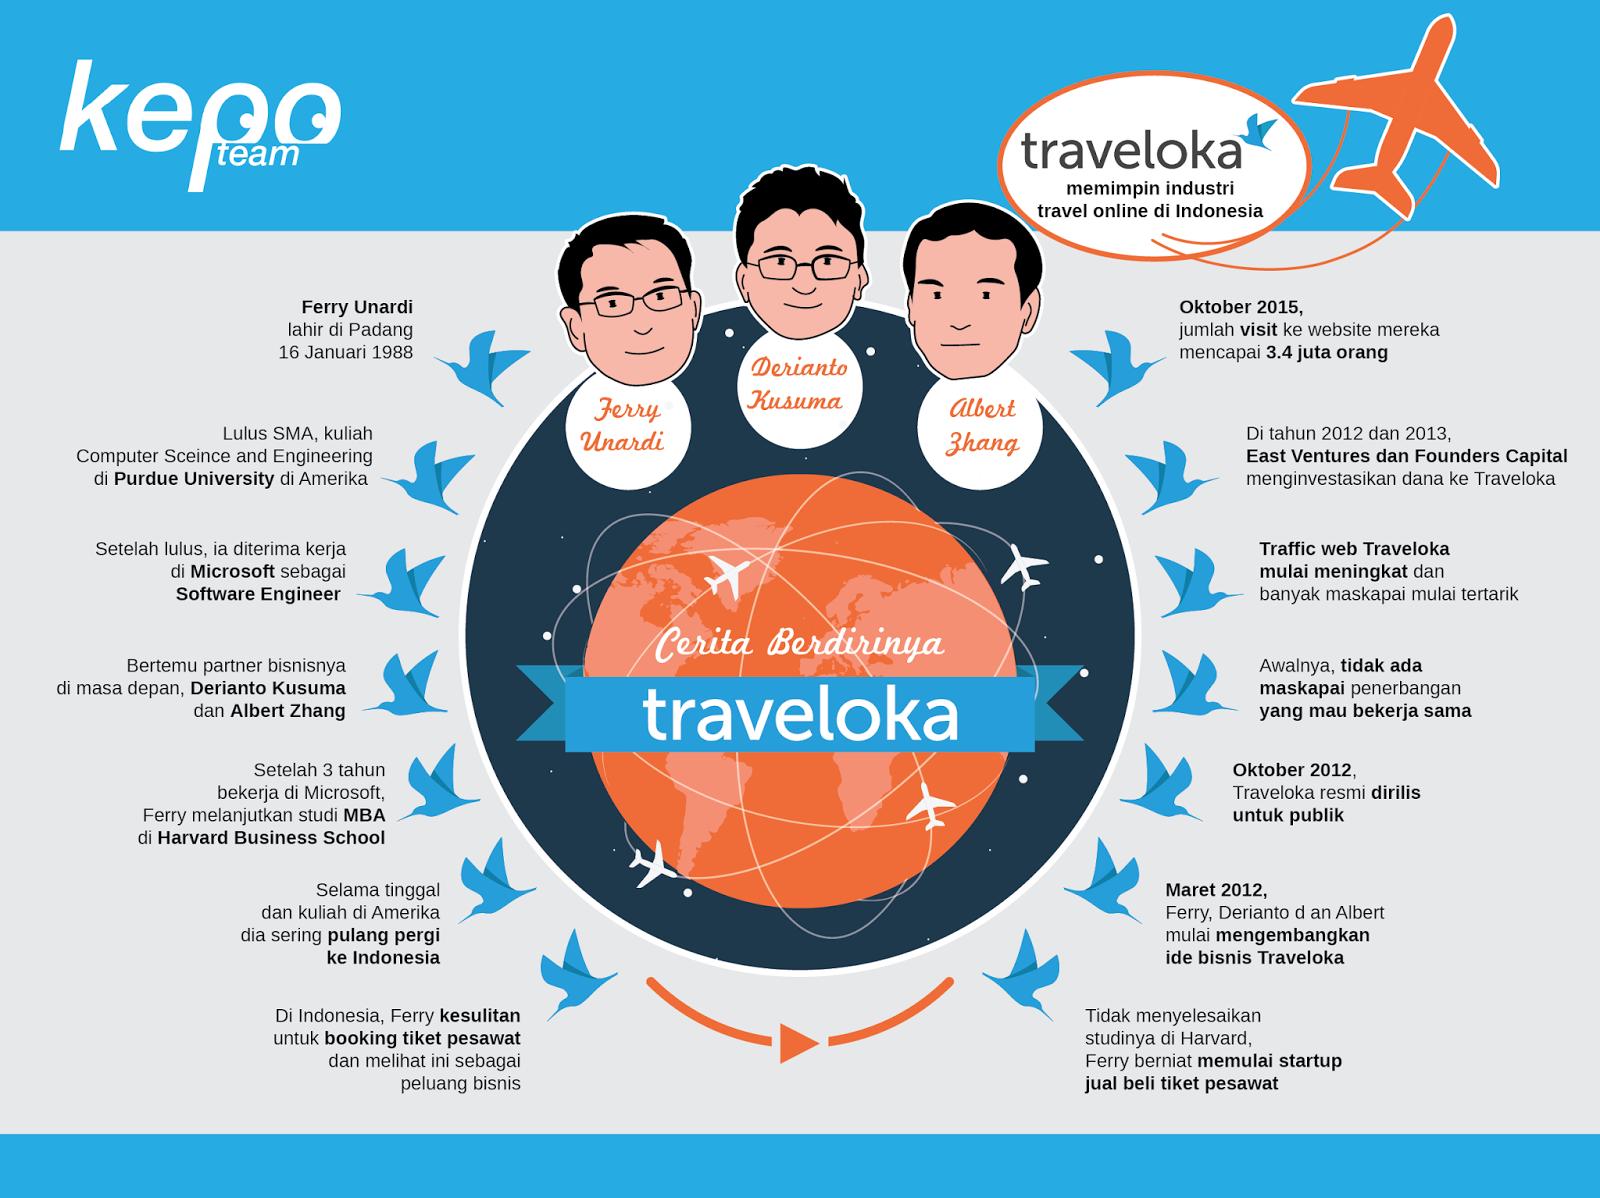 Infografis Gimana Sih Cerita Perjalanan Sang Founder